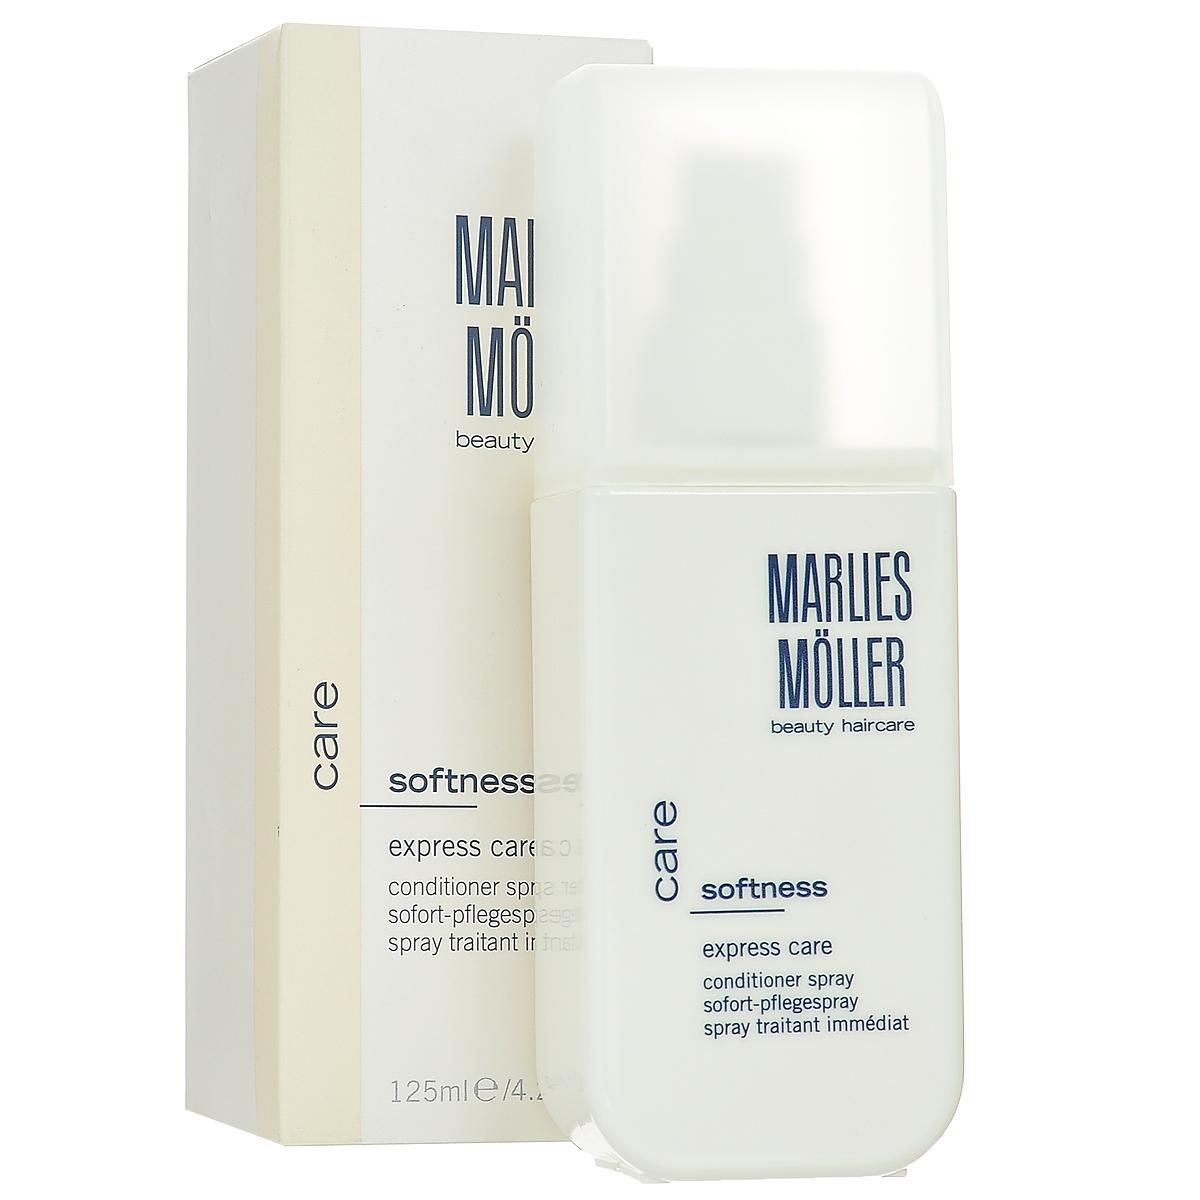 Marlies Moller Кондиционер-спрей для волос Softness, интенсивный, 125 мл27MMsКондиционер-спрей - это несмываемый уход, альтернатива обычному смываемому кондиционеру. Несмываемое средство находится на волосах дольше, следовательно, работает эффективнее. Делает волосы гладкими и струящимися. Мгновенно увлажняет, восстанавливает эластичность и сияние волос. Облегчает расчесывание, оказывает антистатический эффект. Подчеркивает локоны вьющихся волос. Премиальный уход с профессиональным эффектом. Высокая концентрация активных компонентов. Мягкое средство без силиконов, позволяет частое применение. Наносите спрей на сухие или подсушенные полотенцем волосы по мере необходимости. Не смывайте.